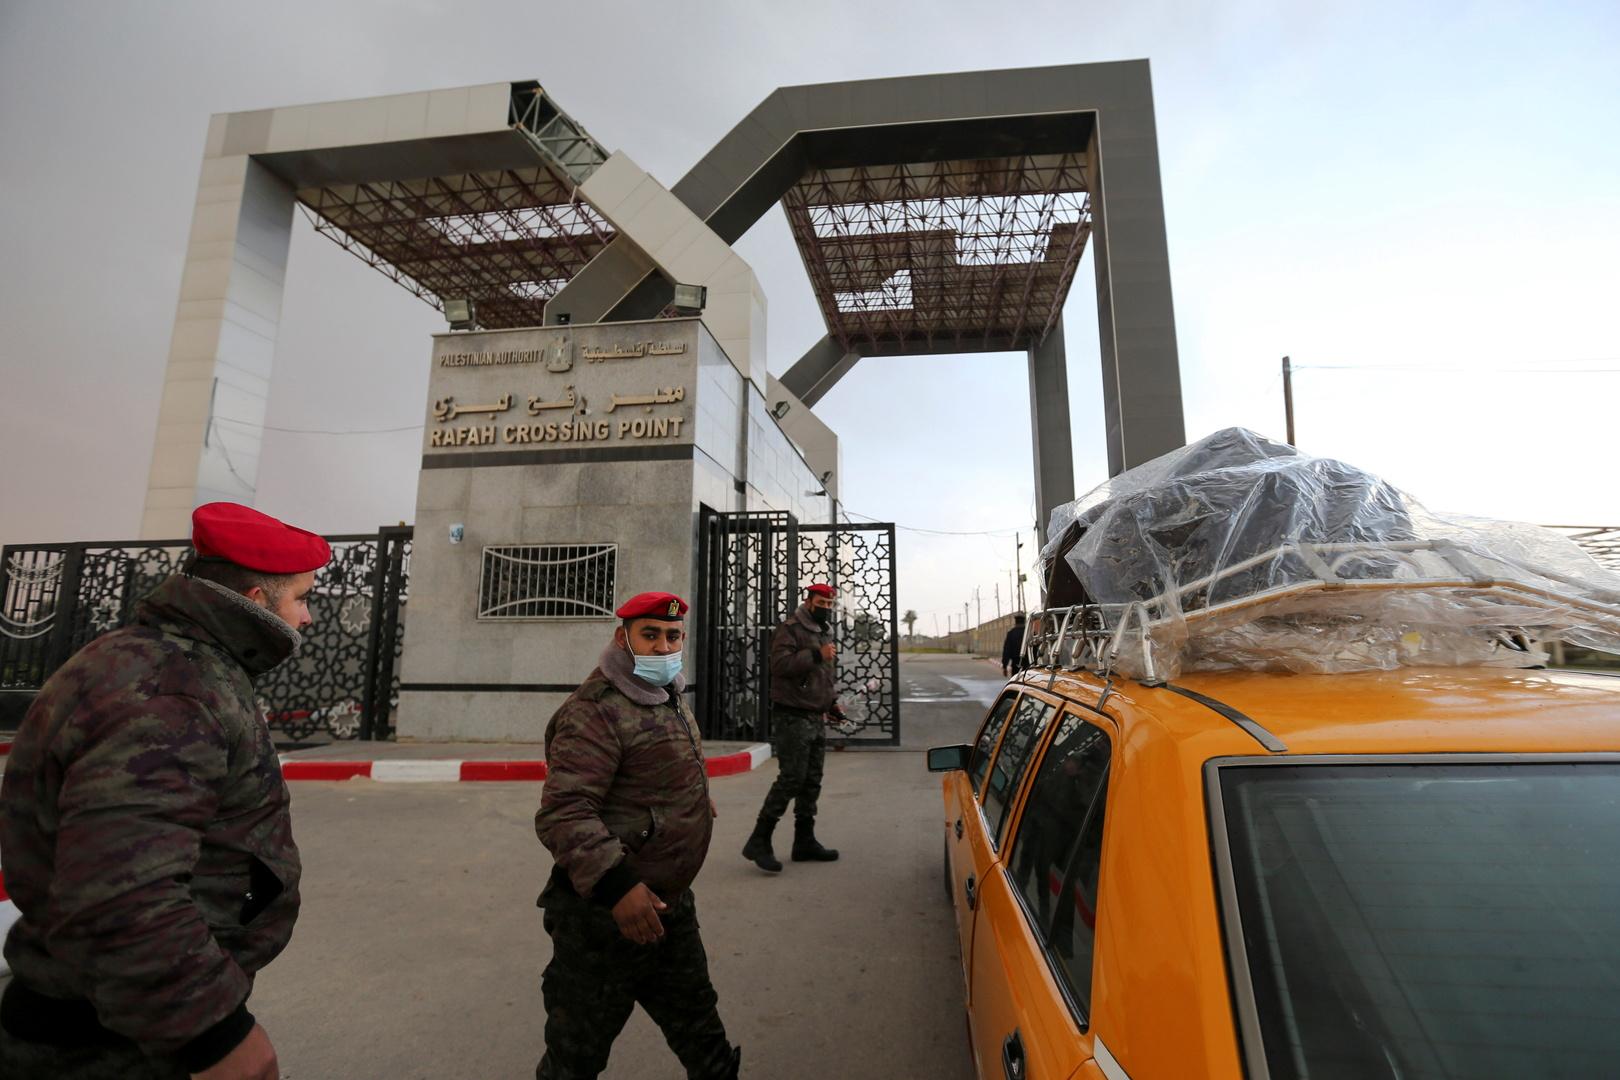 استئناف فتح معبر رفح البري لعبور العالقين واستقبال المصابين من قطاع غزة